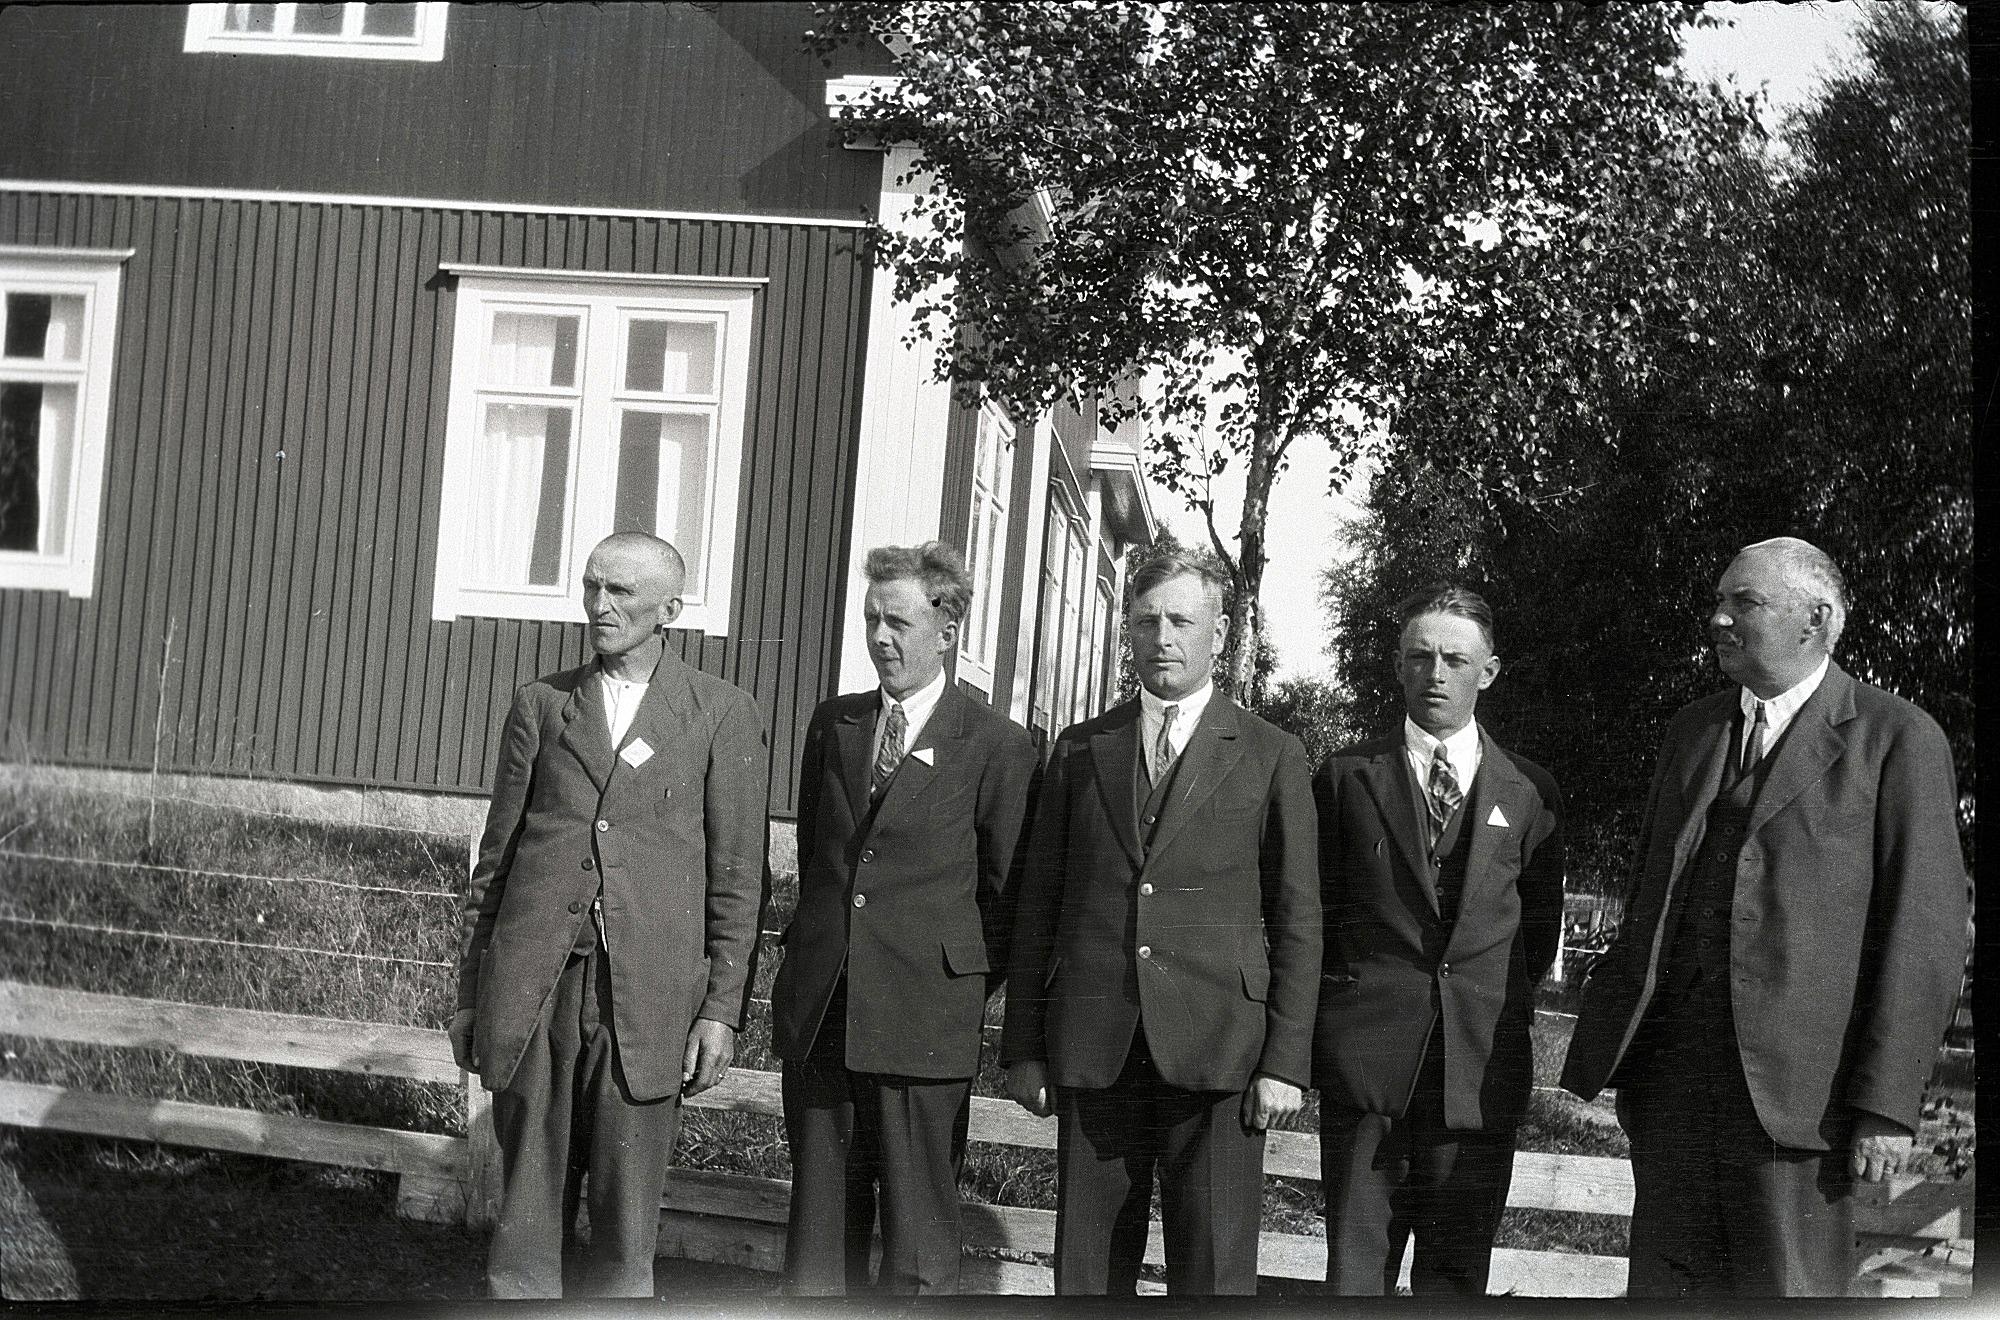 Byggnadsnämnden för lokalens renovering och tillbyggnad, från vänster Otto Ingvesback, Erland Ekholm, Selim Björses, Valter Pdjers och Nils Molander.